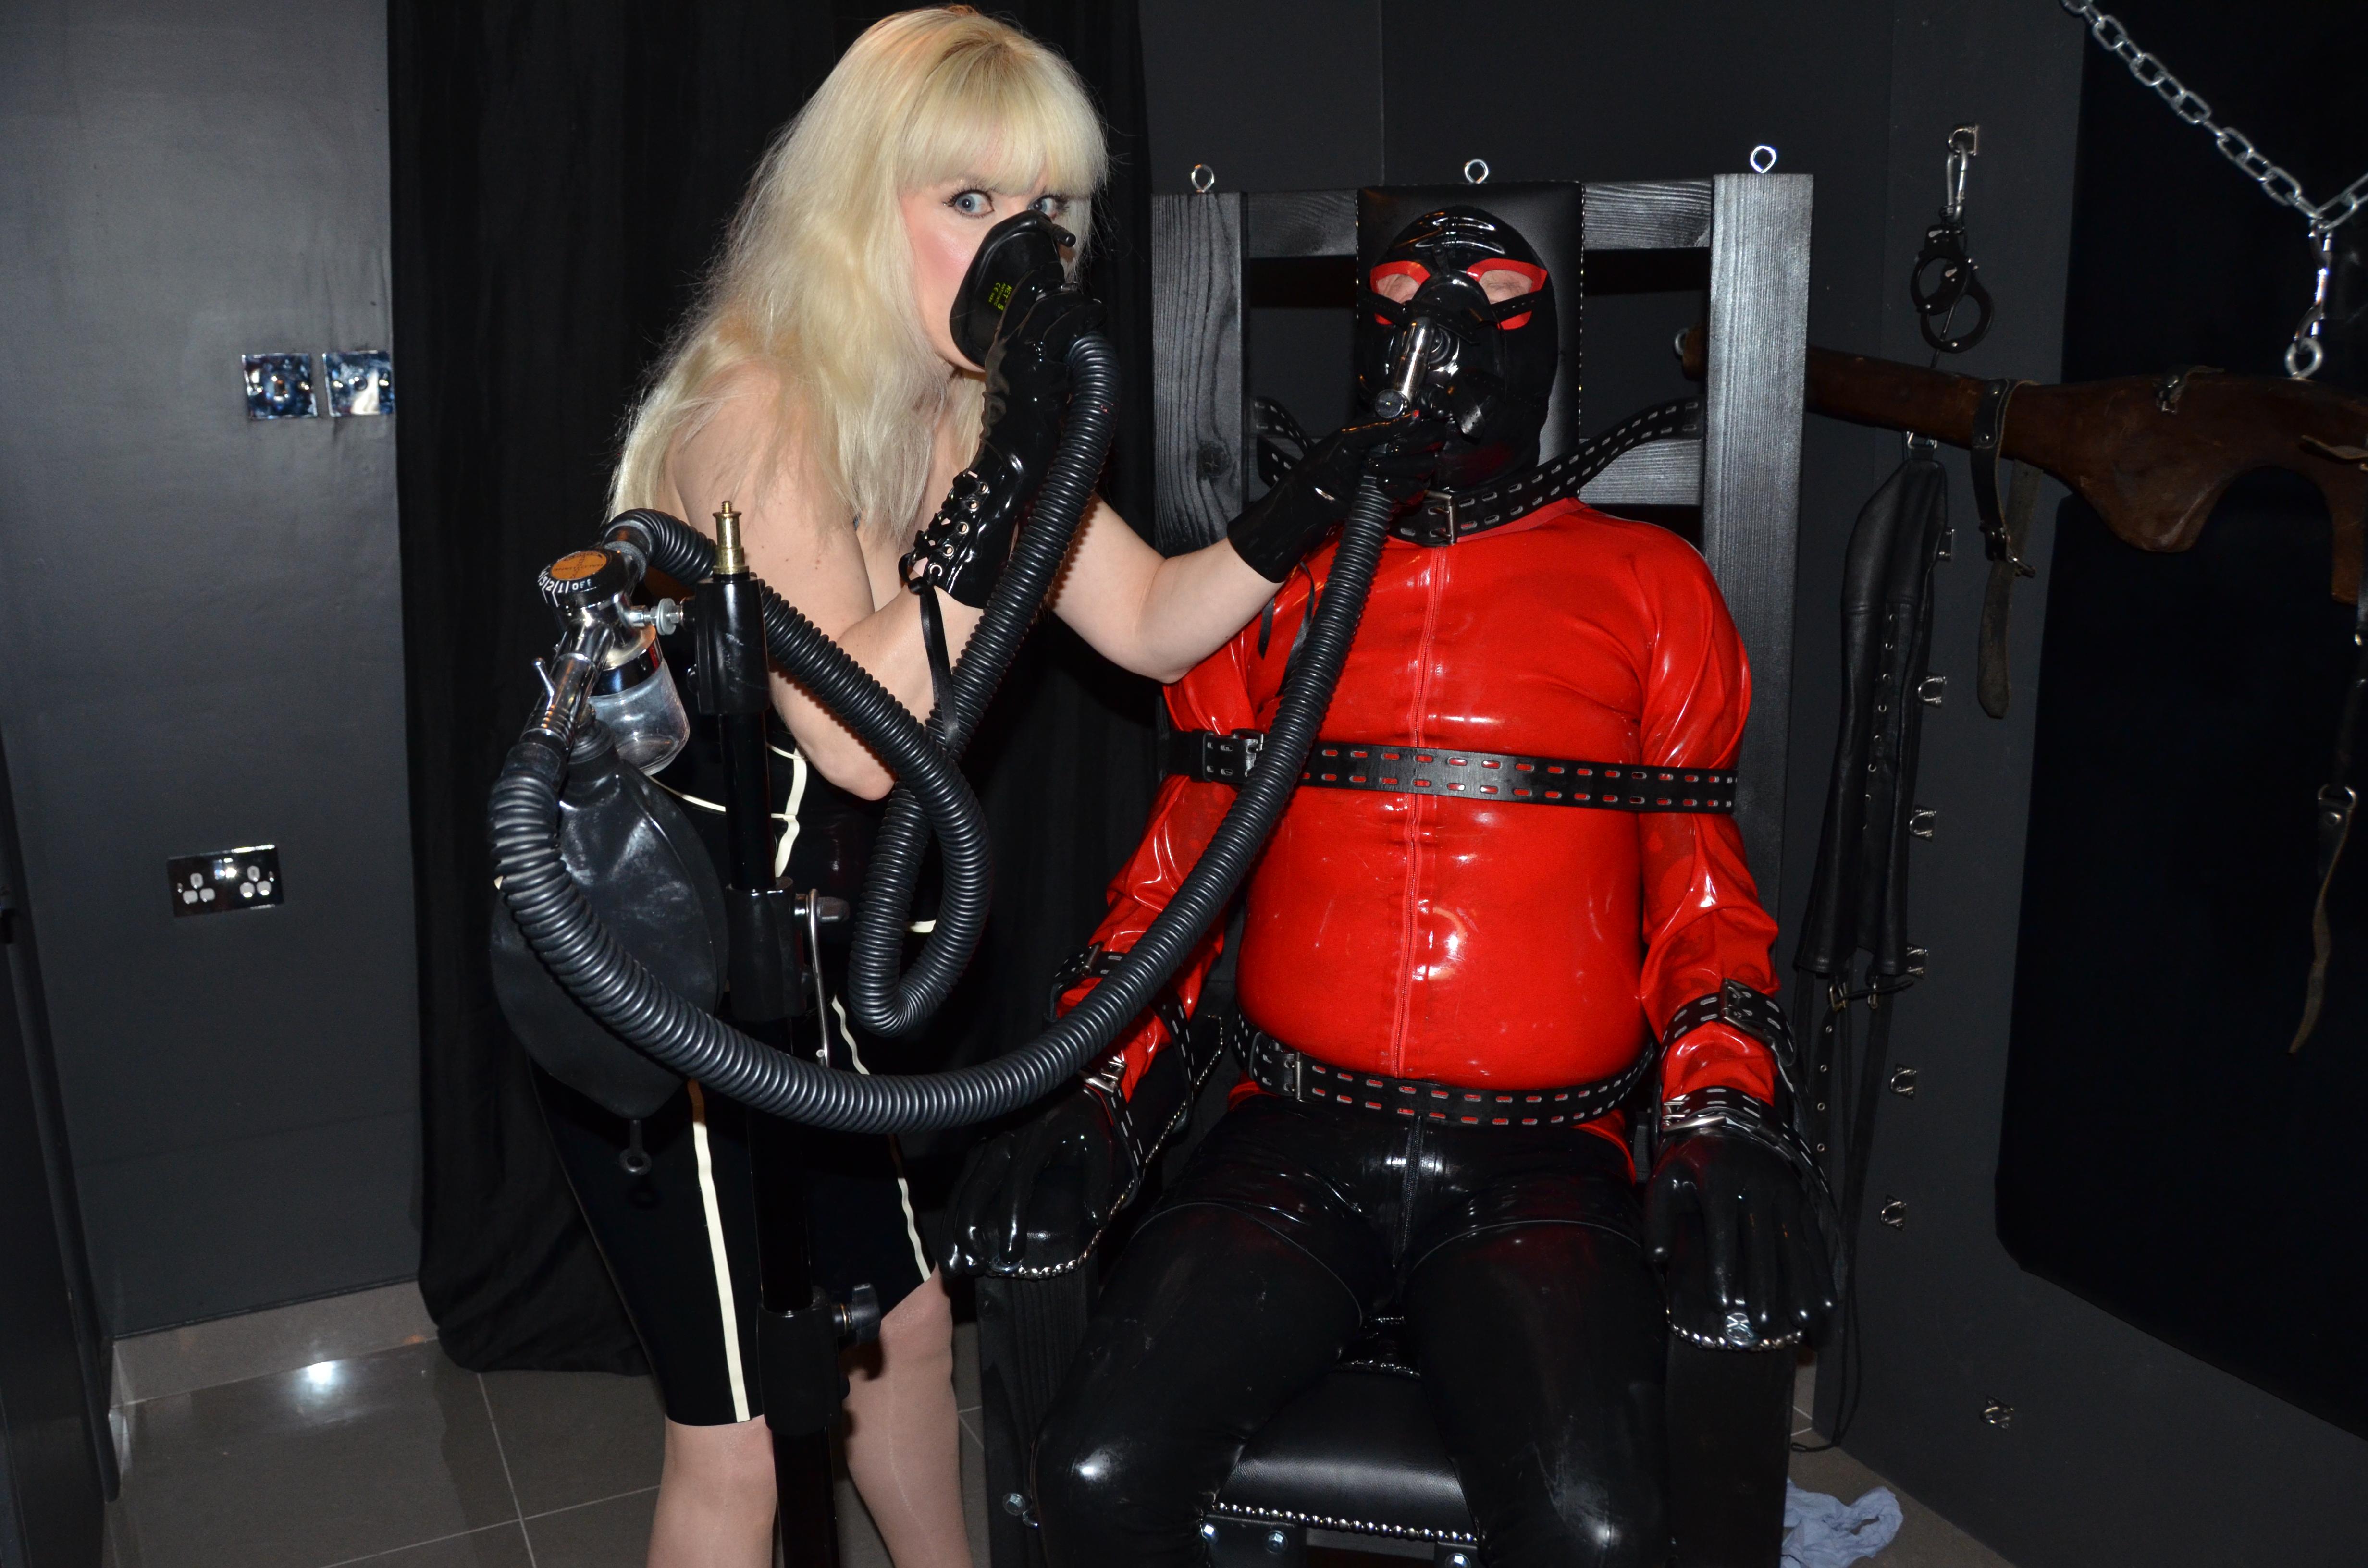 Madame c female domination world